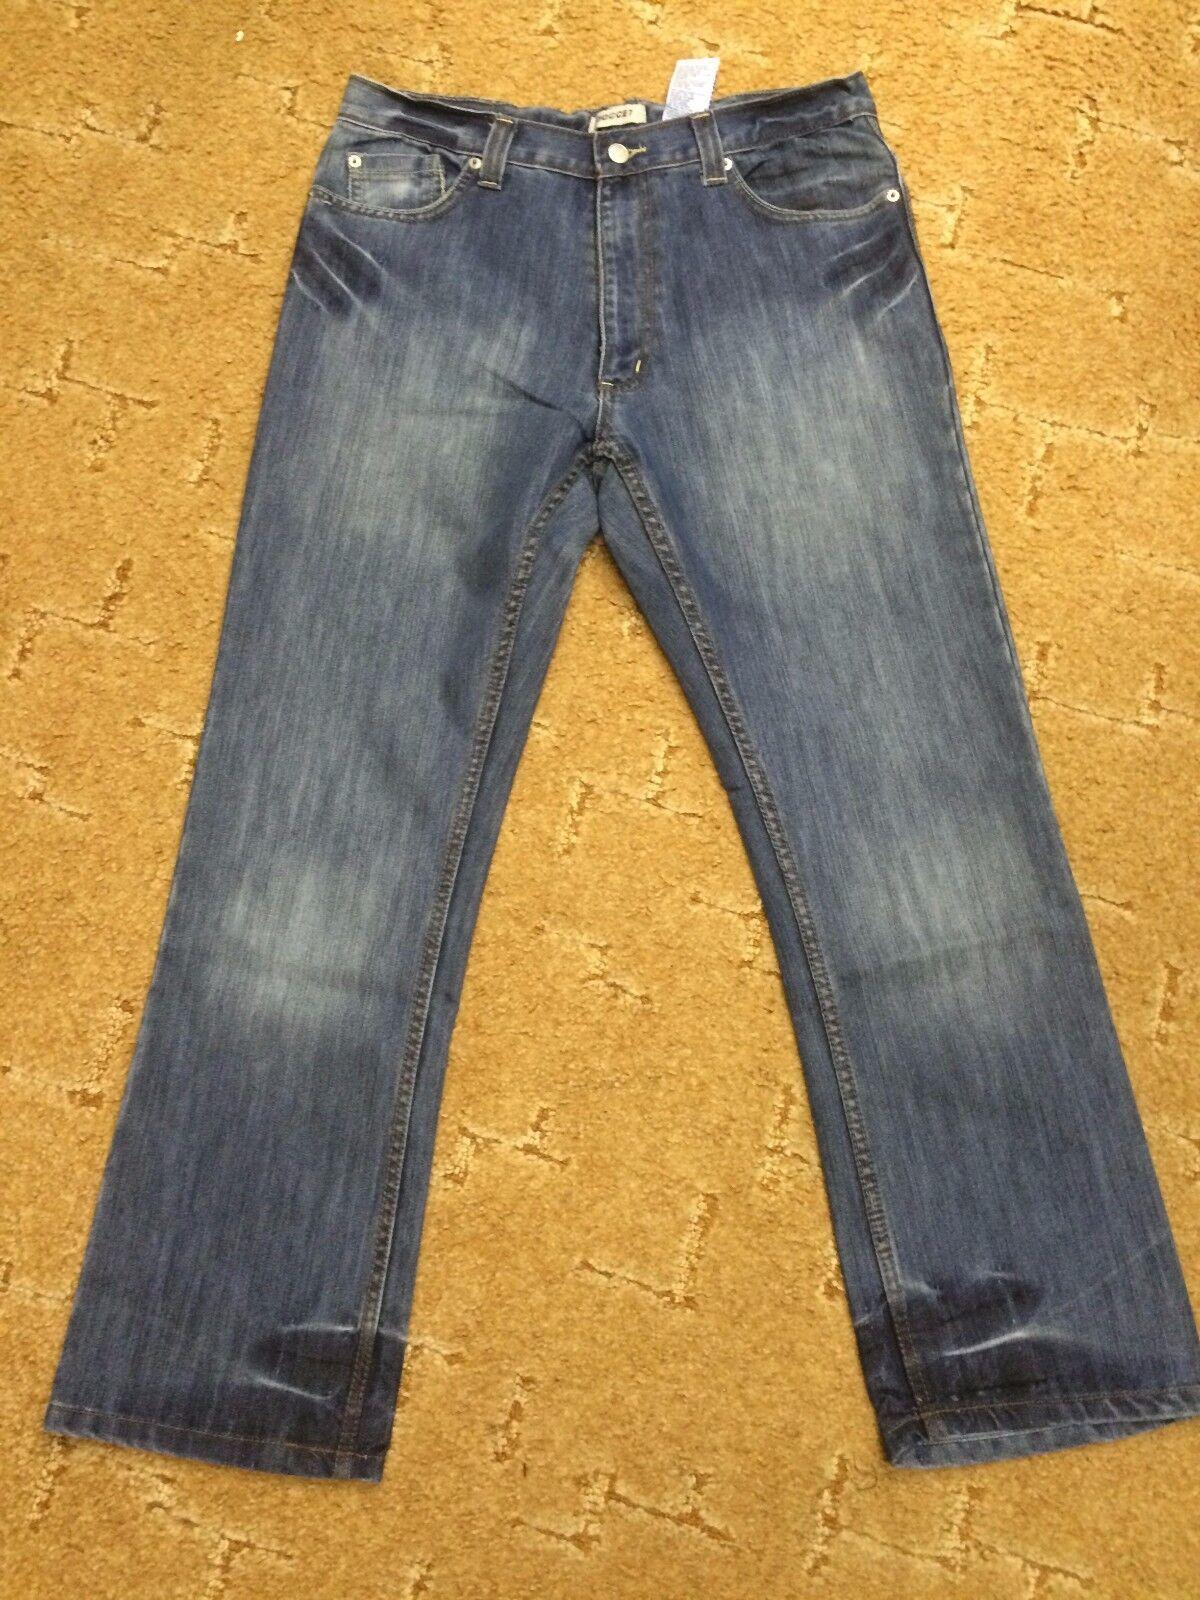 Herren Jeans Hose dunkelblau verwaschen W32 L30 von Doccet    | Zu verkaufen  0d4355